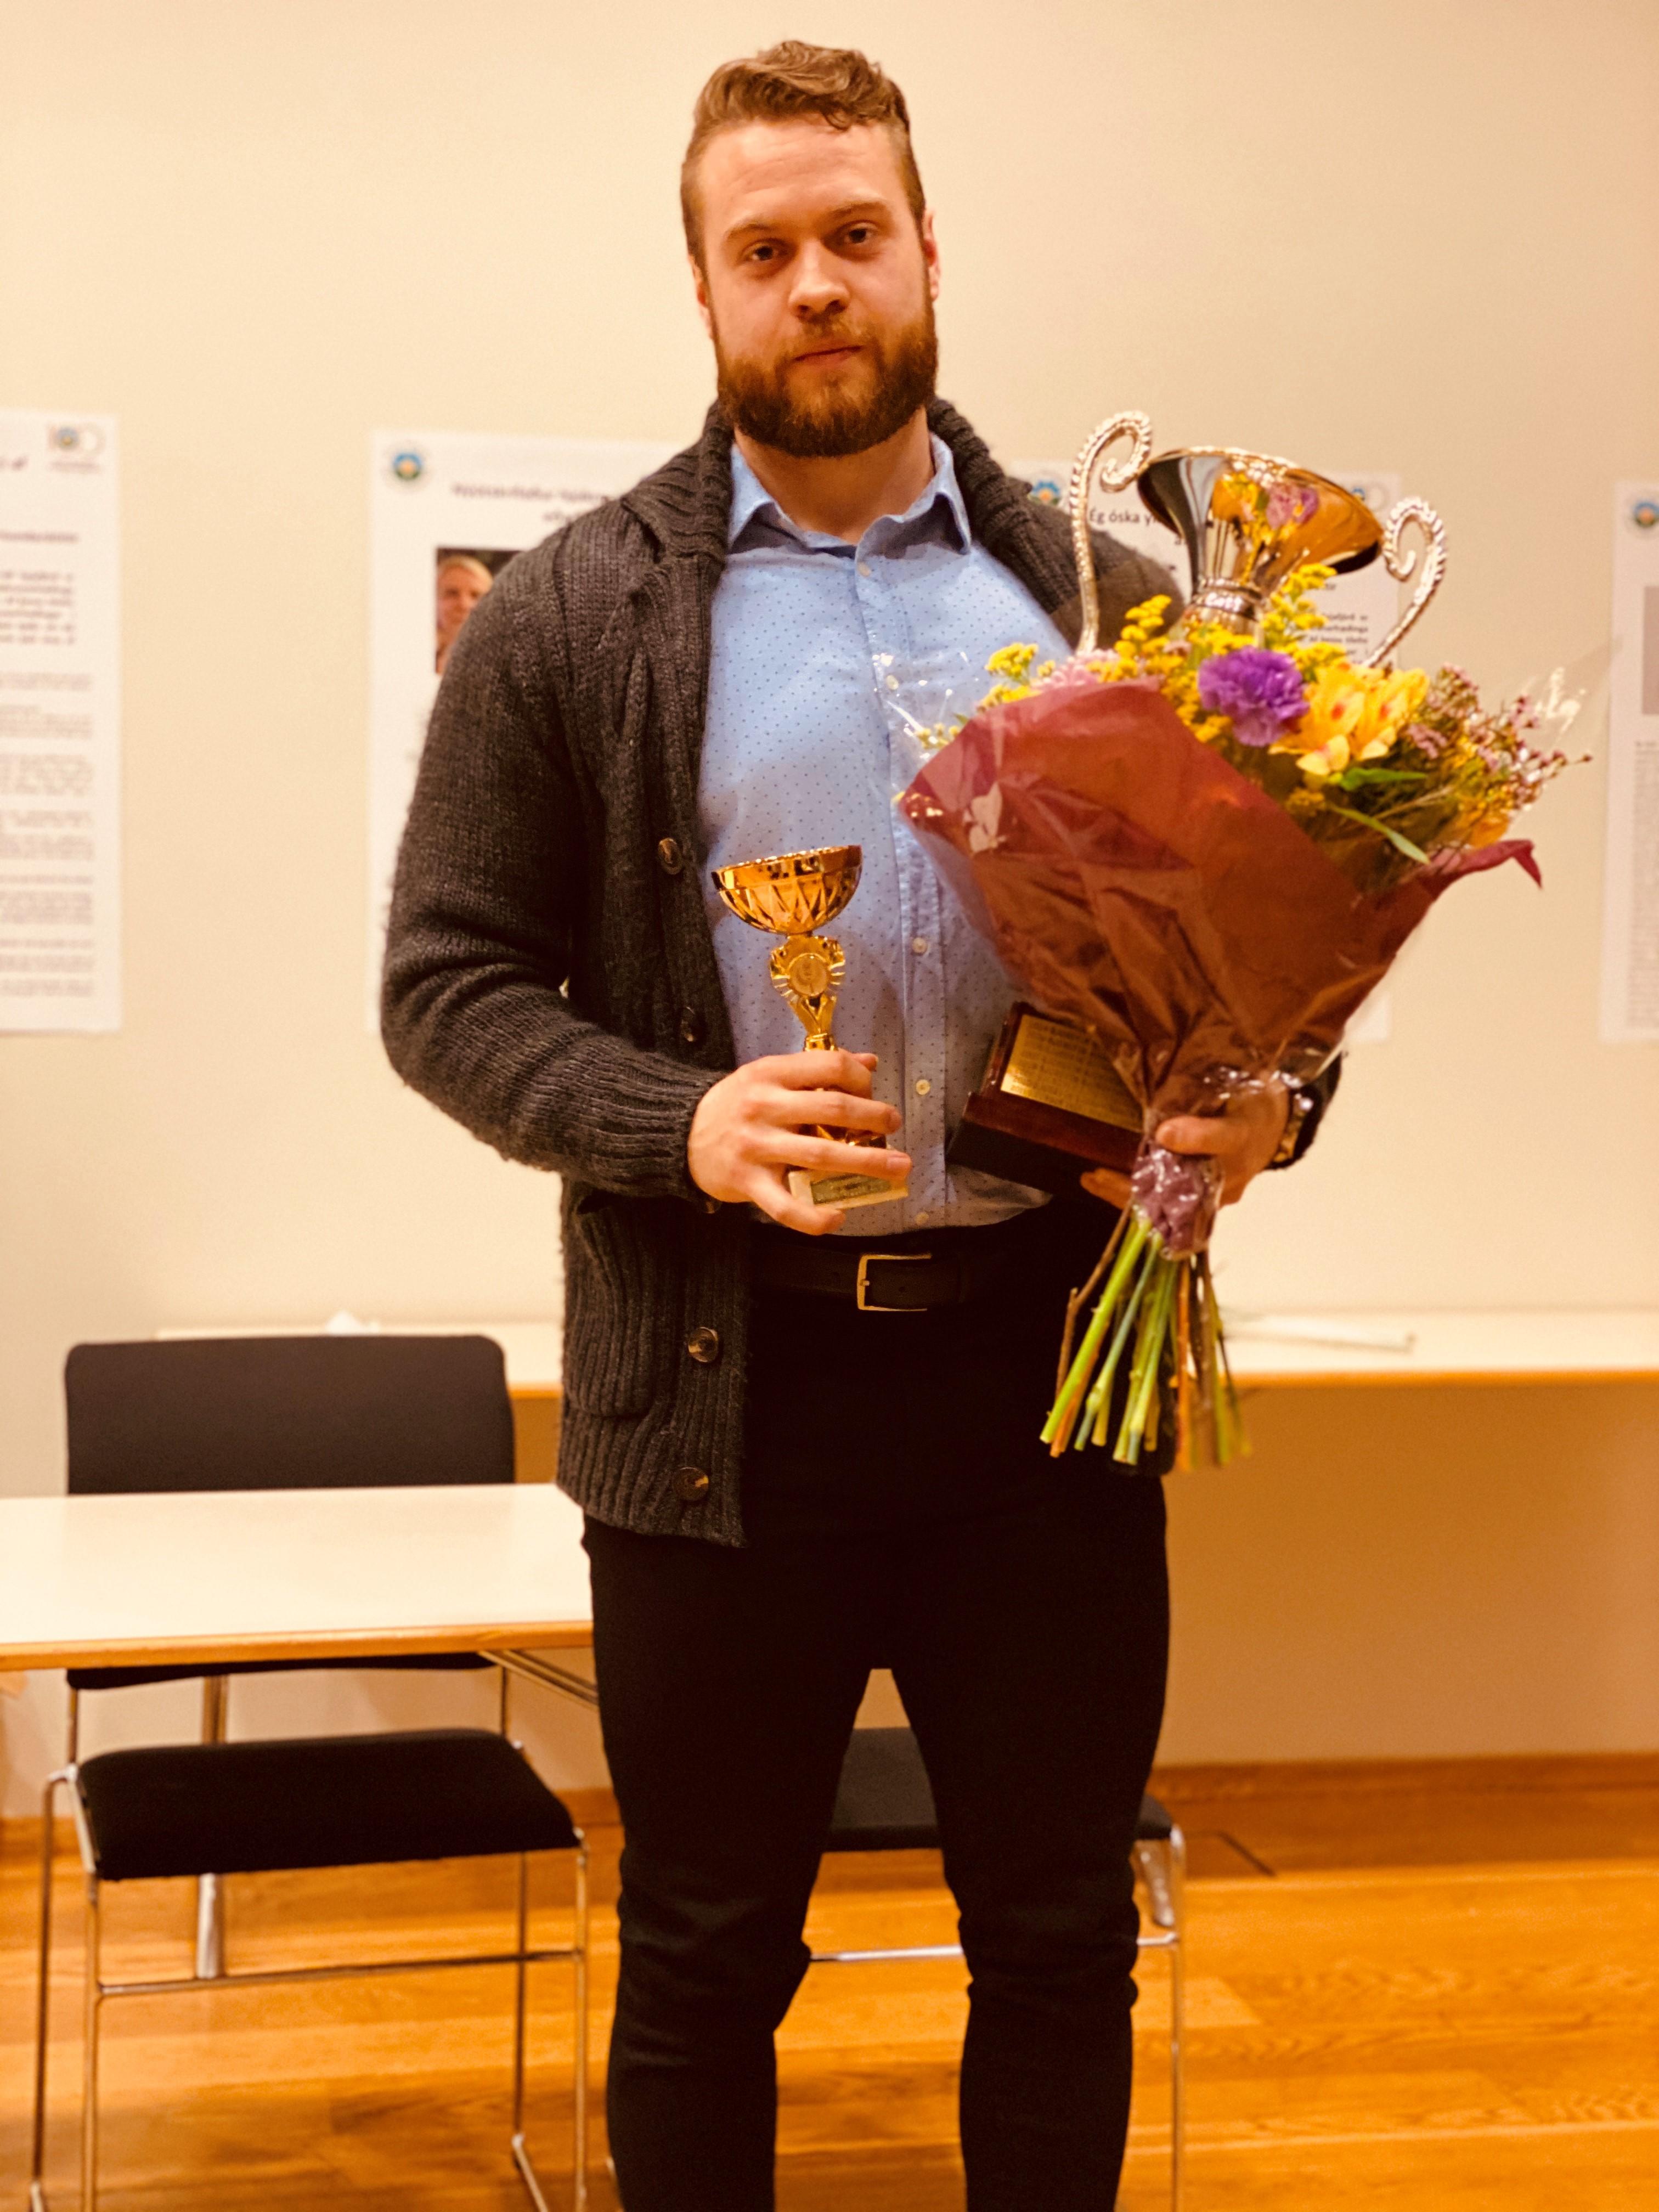 Íþróttamaður Dalvíkurbyggðar 2019